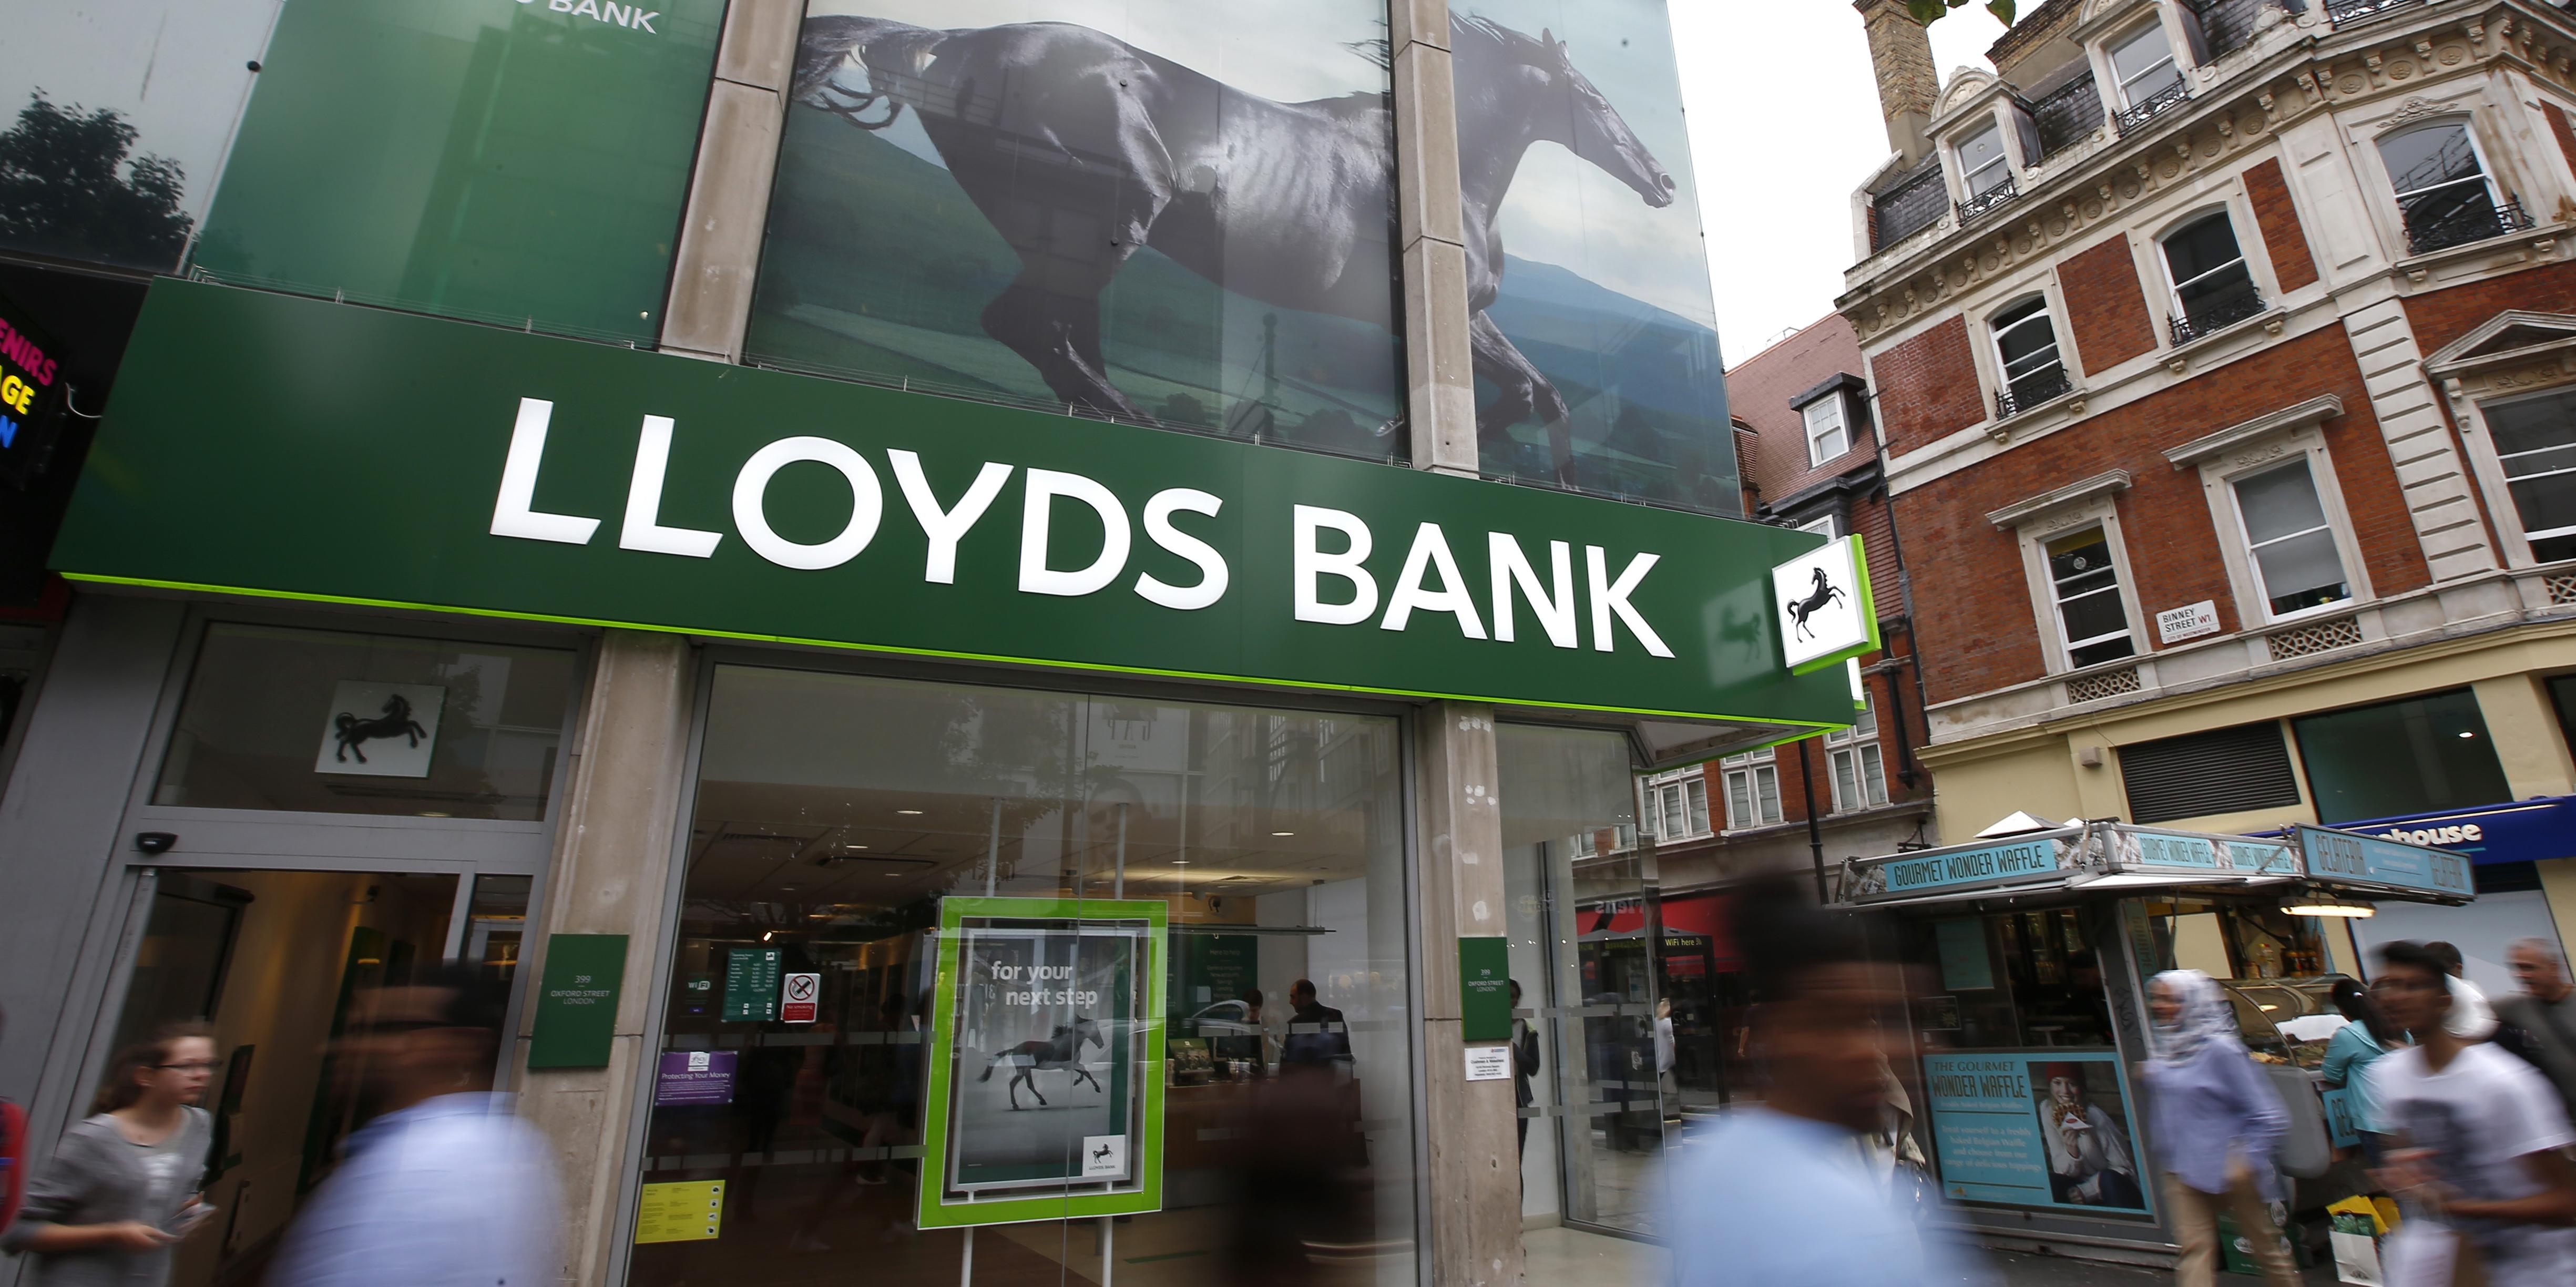 Lloyds gana un 33% menos en 2019 y advierte sobre la incertidumbre del Brexit